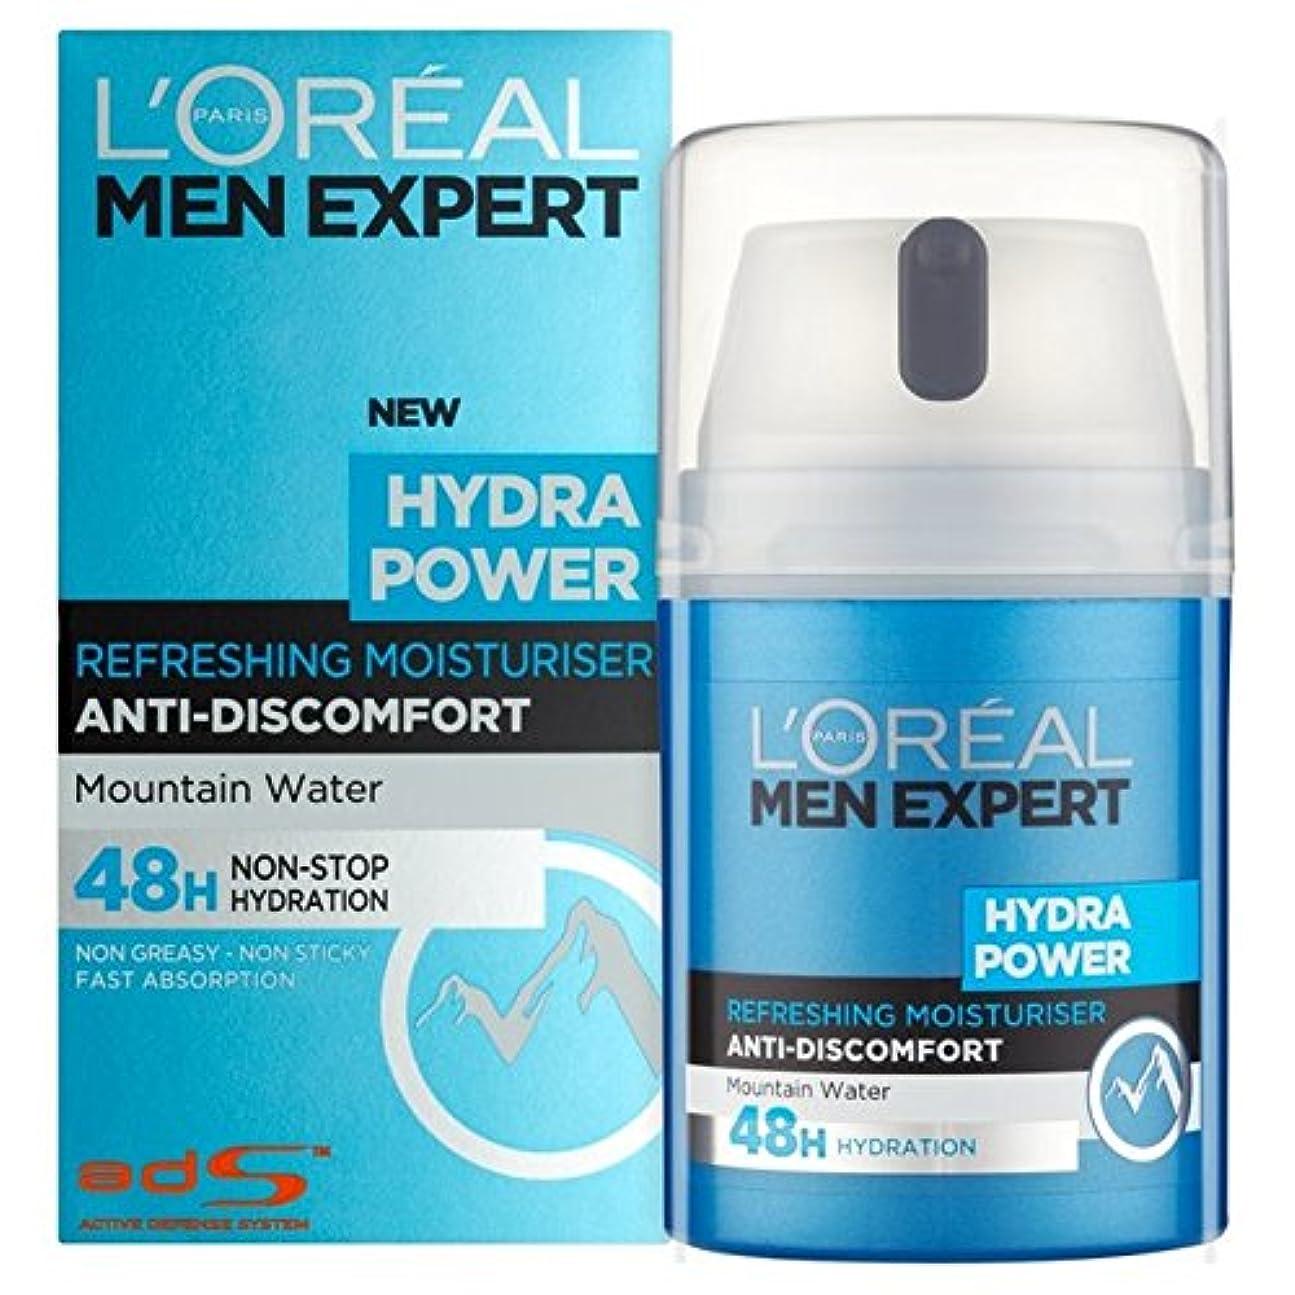 ビル図書館鯨ロレアルパリのメンズ専門ヒドラ電源爽やか保湿50ミリリットル x4 - L'Oreal Paris Men Expert Hydra Power Refreshing Moisturiser 50ml (Pack of 4) [並行輸入品]